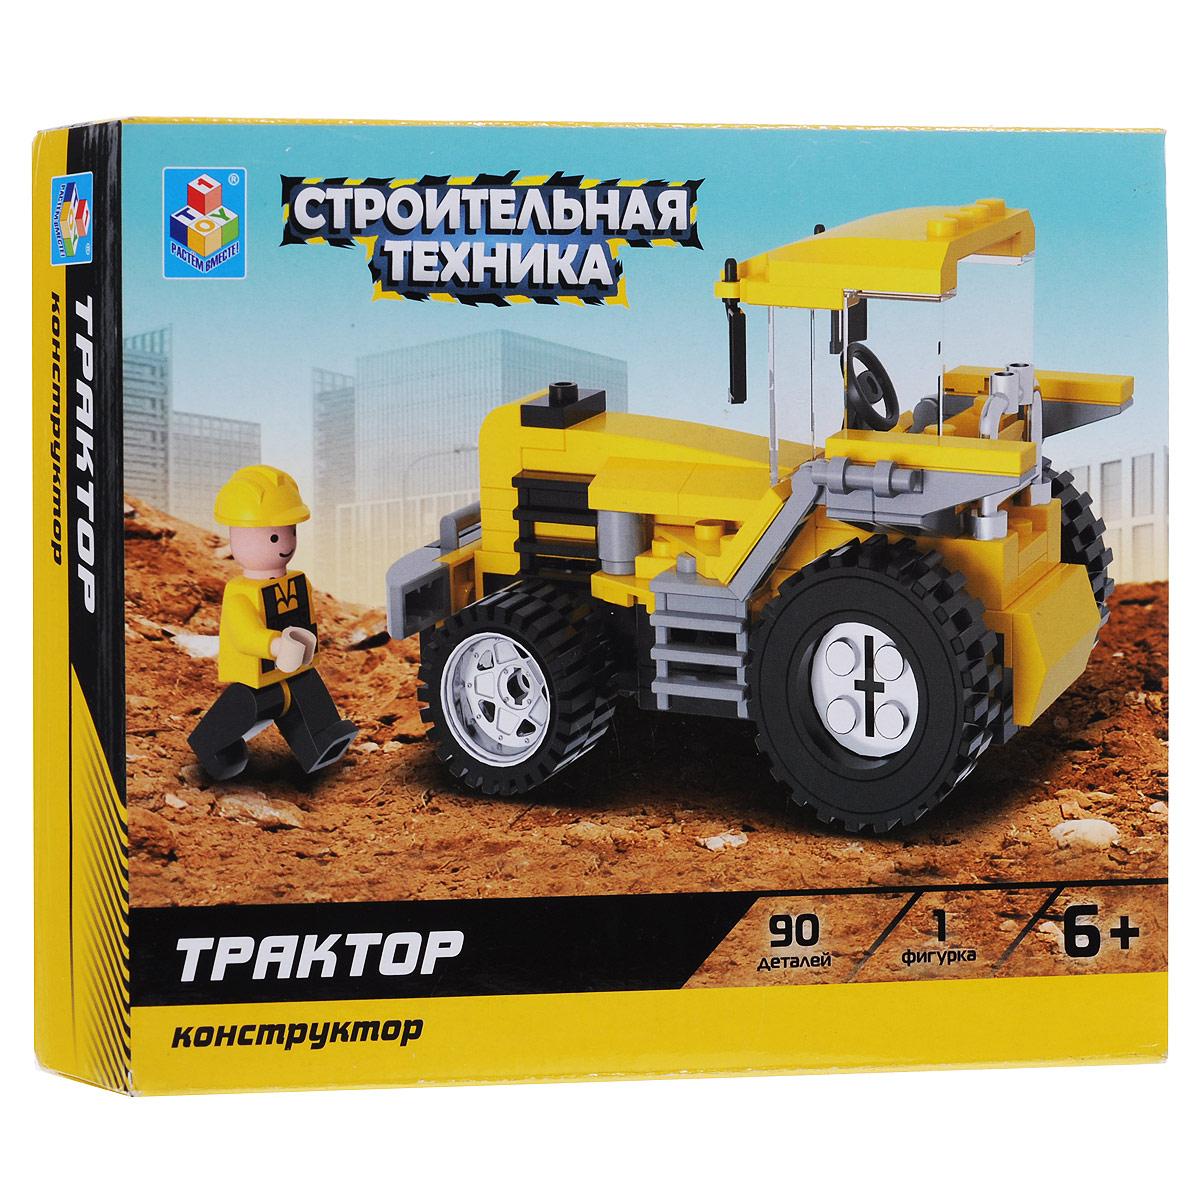 1TOY Конструктор ТракторТ57030Конструктор 1TOY Трактор понравится любому мальчику. Он содержит пластиковые элементы, из которых ребенок без труда сможет собрать трактор. Также в наборе фигурка рабочего и схематичная инструкция по сборке. Конструкторы серии Строительная техника включают в себя широкий выбор техники для строительства и транспортировки строительных материалов - от самой маленькой вспомогательной техники до огромных бульдозеров. С ними все планы маленького архитектора станут реальностью. Игры с конструкторами помогут ребенку развить воображение, внимательность, пространственное мышление и творческие способности.